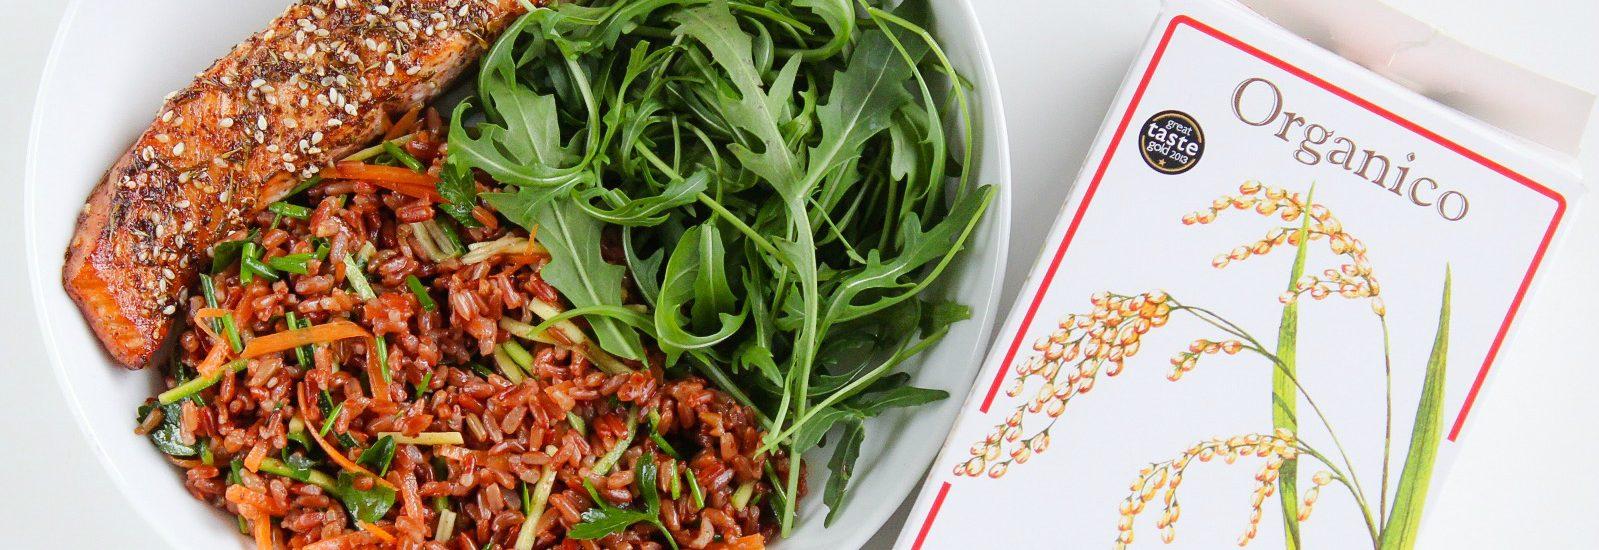 za'htar salmon & red rice salad